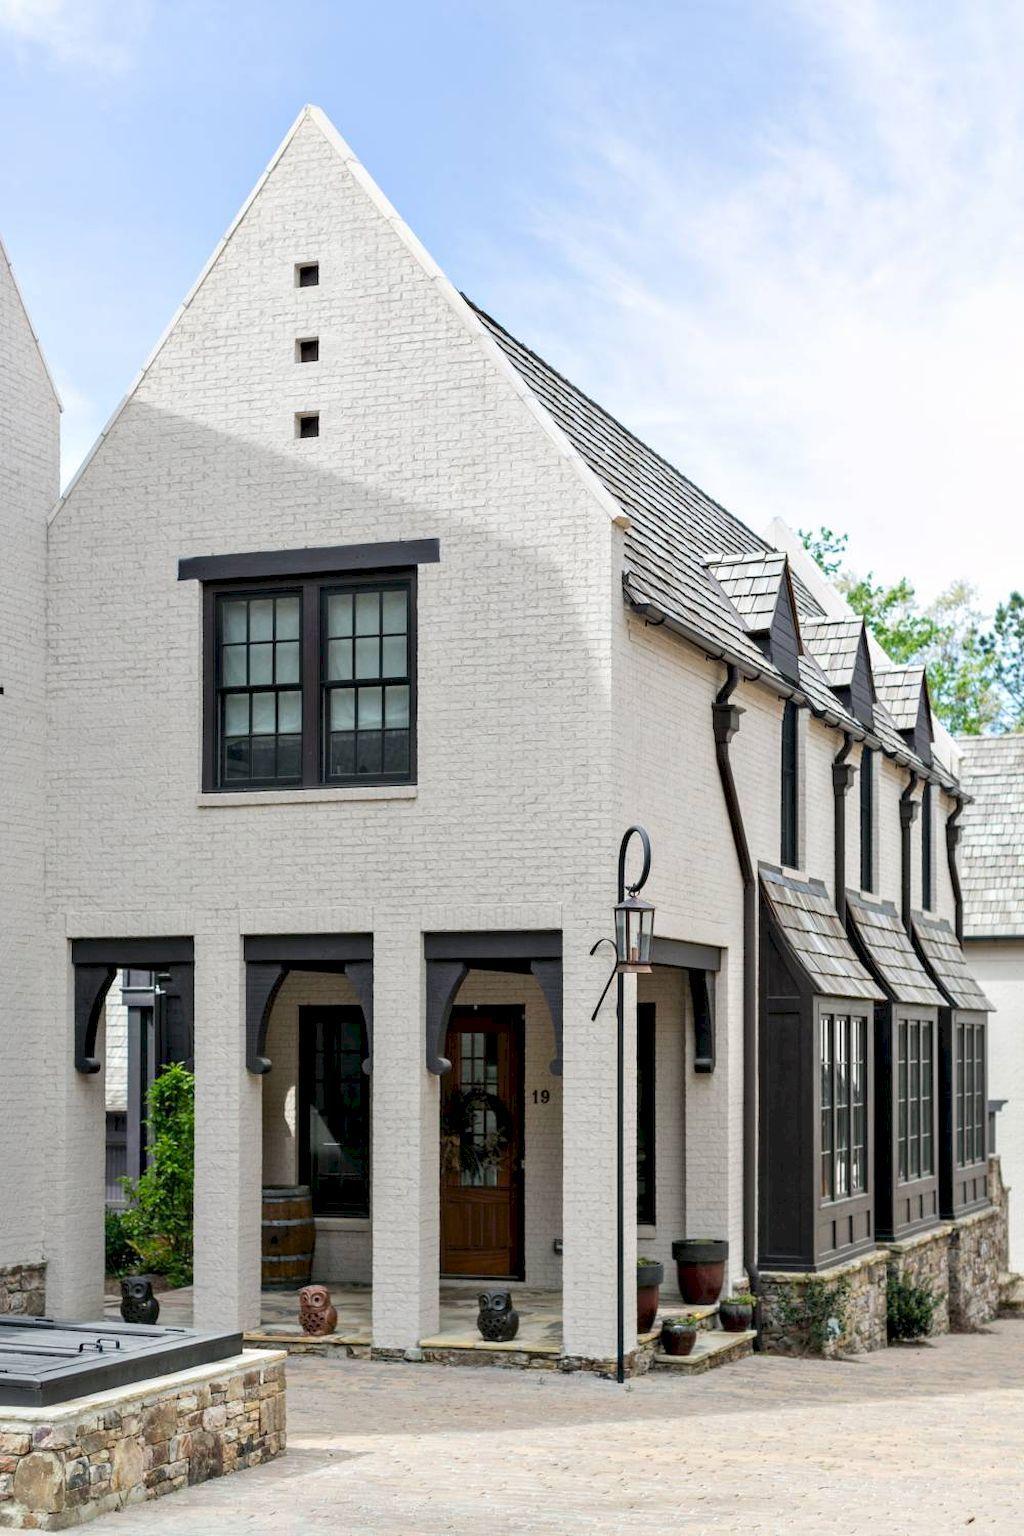 90 incredible modern farmhouse exterior design ideas - Rustic modern farmhouse exterior ...